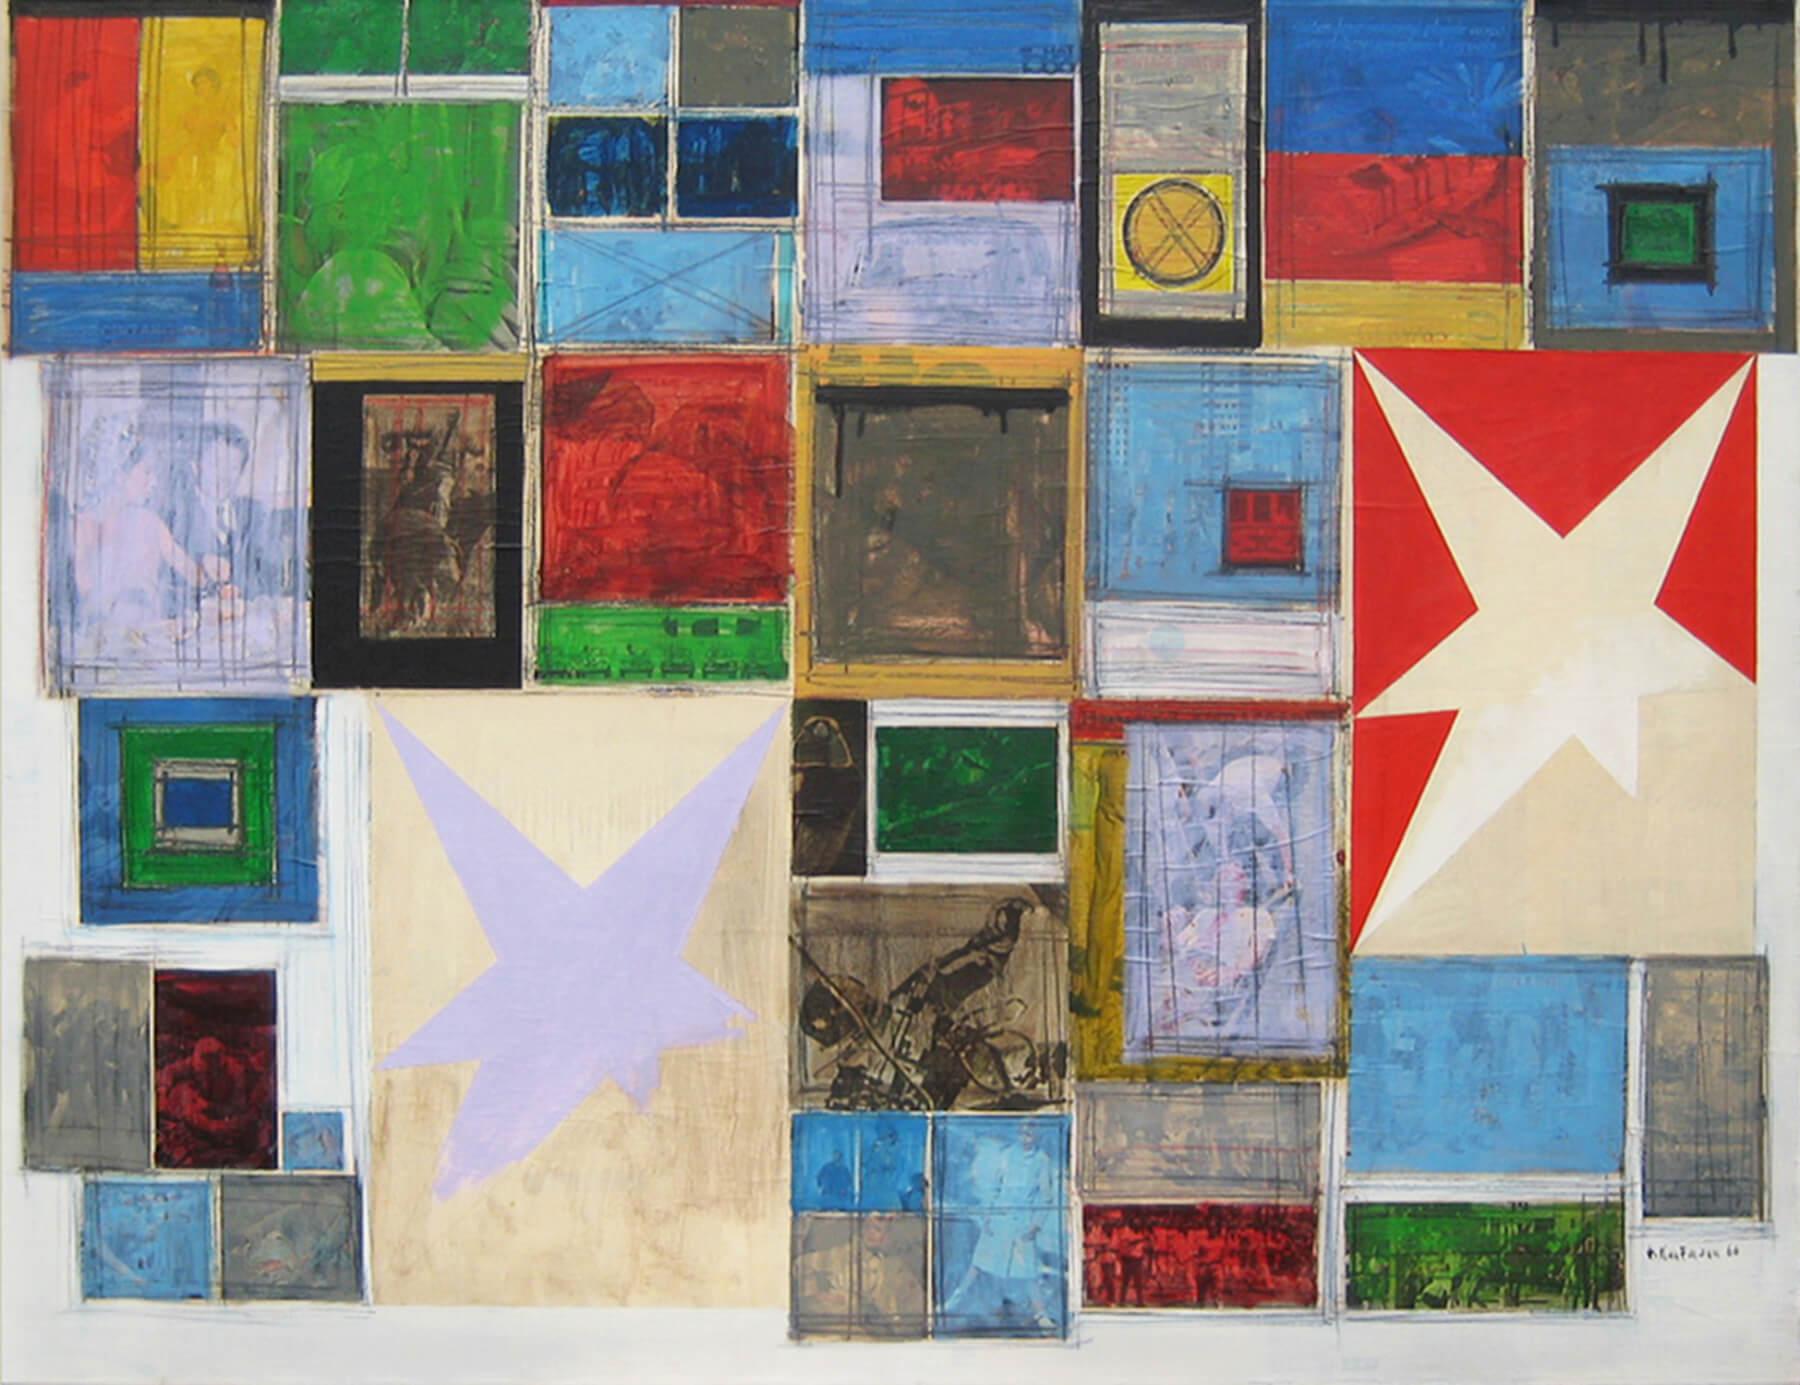 Herbert Kaufmann, Sternzeichen II, 1966, Mischtechnik, Collage auf Leinwand,130 x 170 cm